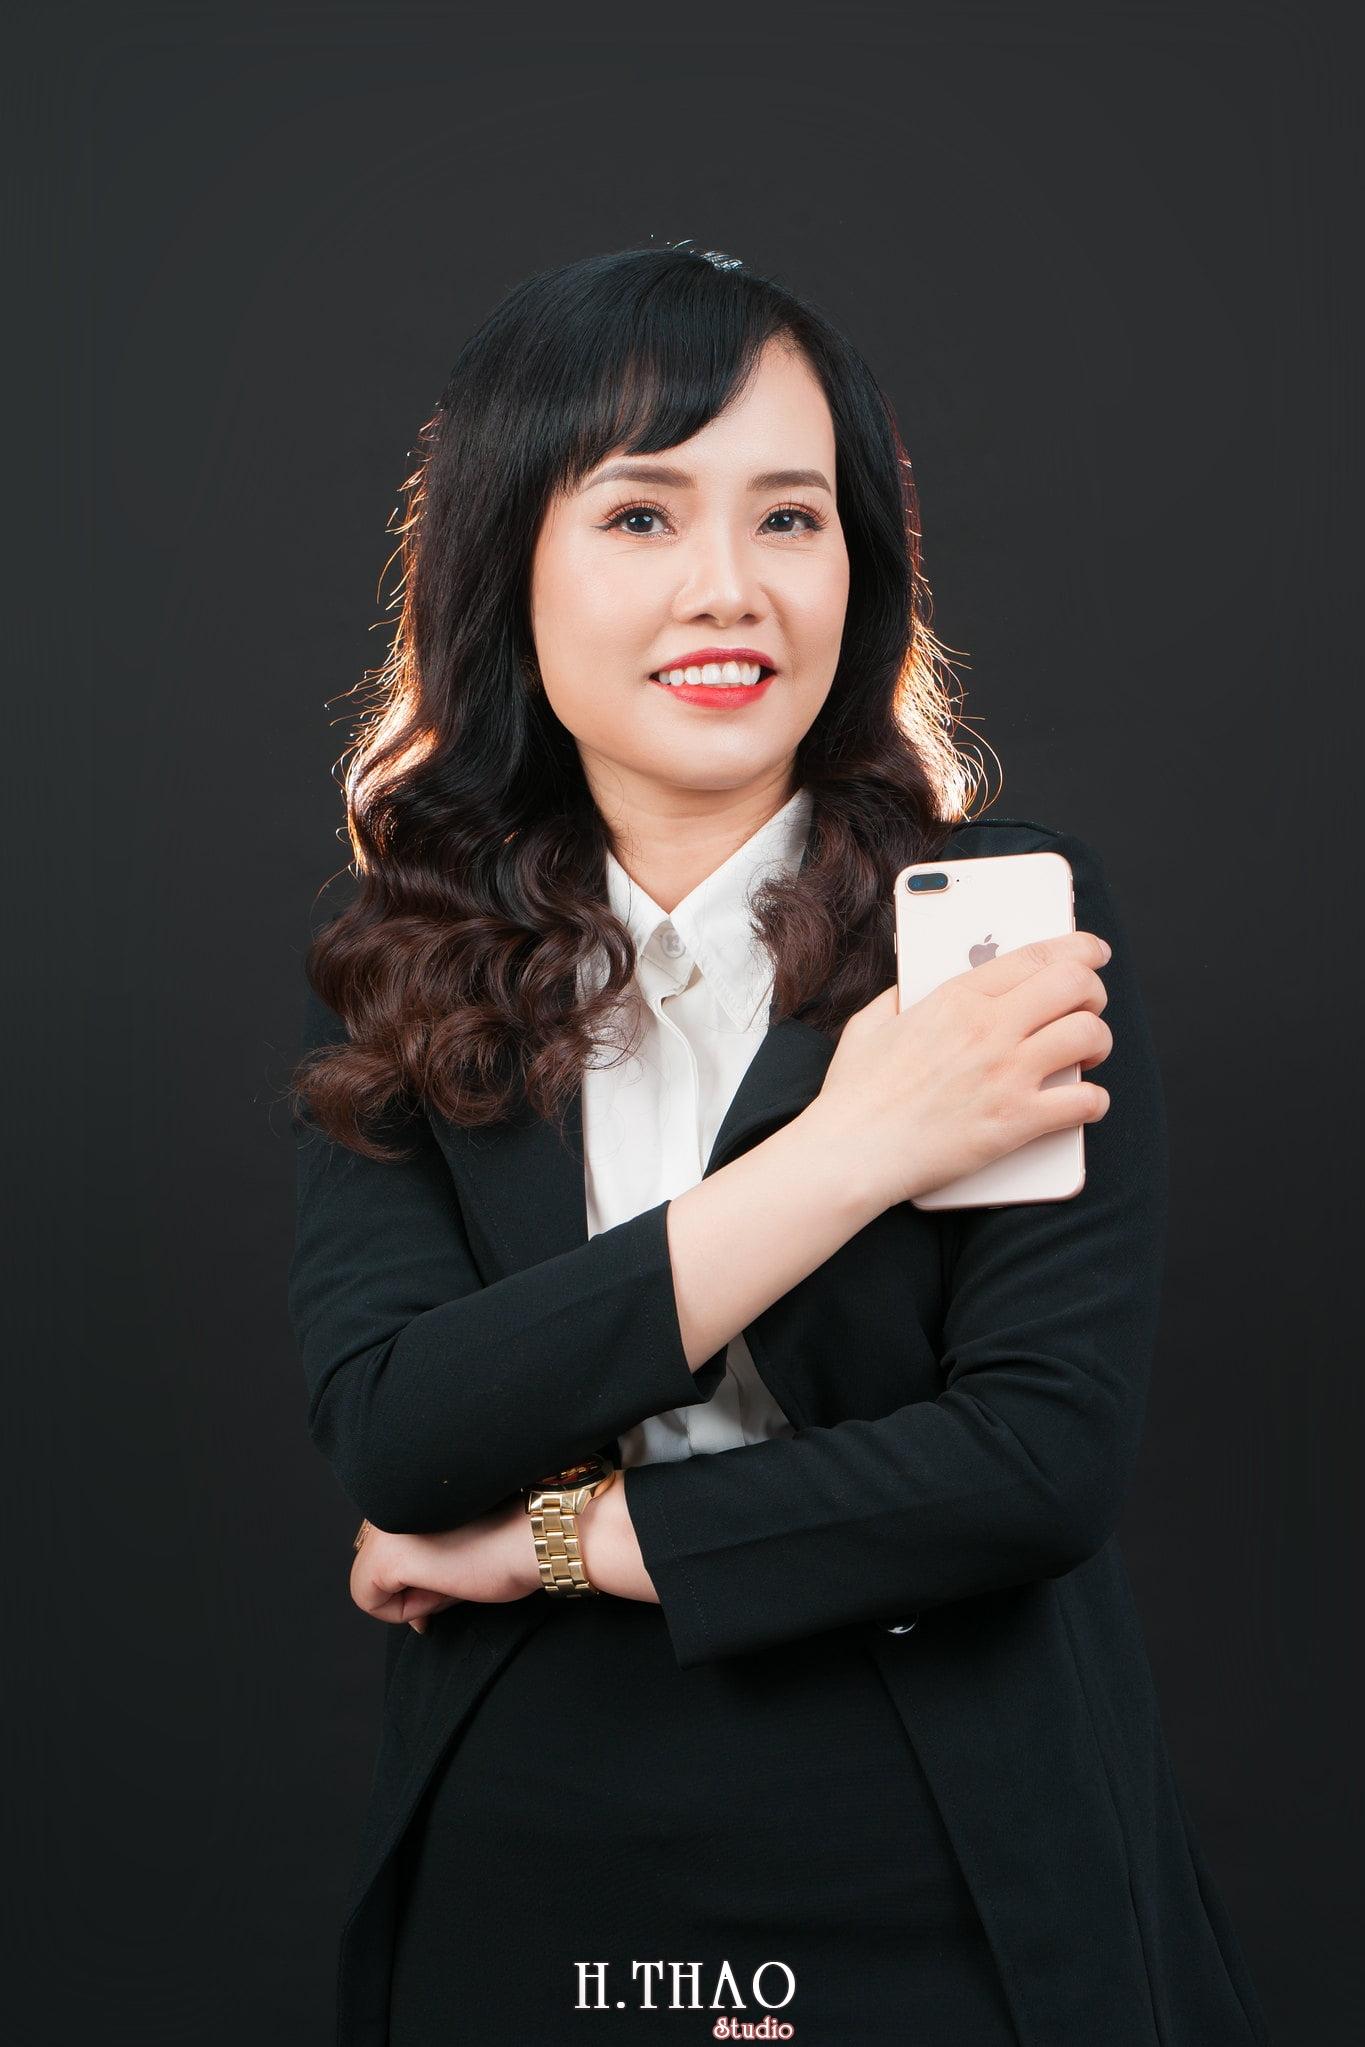 Thu Trang 13 - Chụp ảnh nữ doanh nhân Thu Trang tại HThao Studio – Tp.HCM